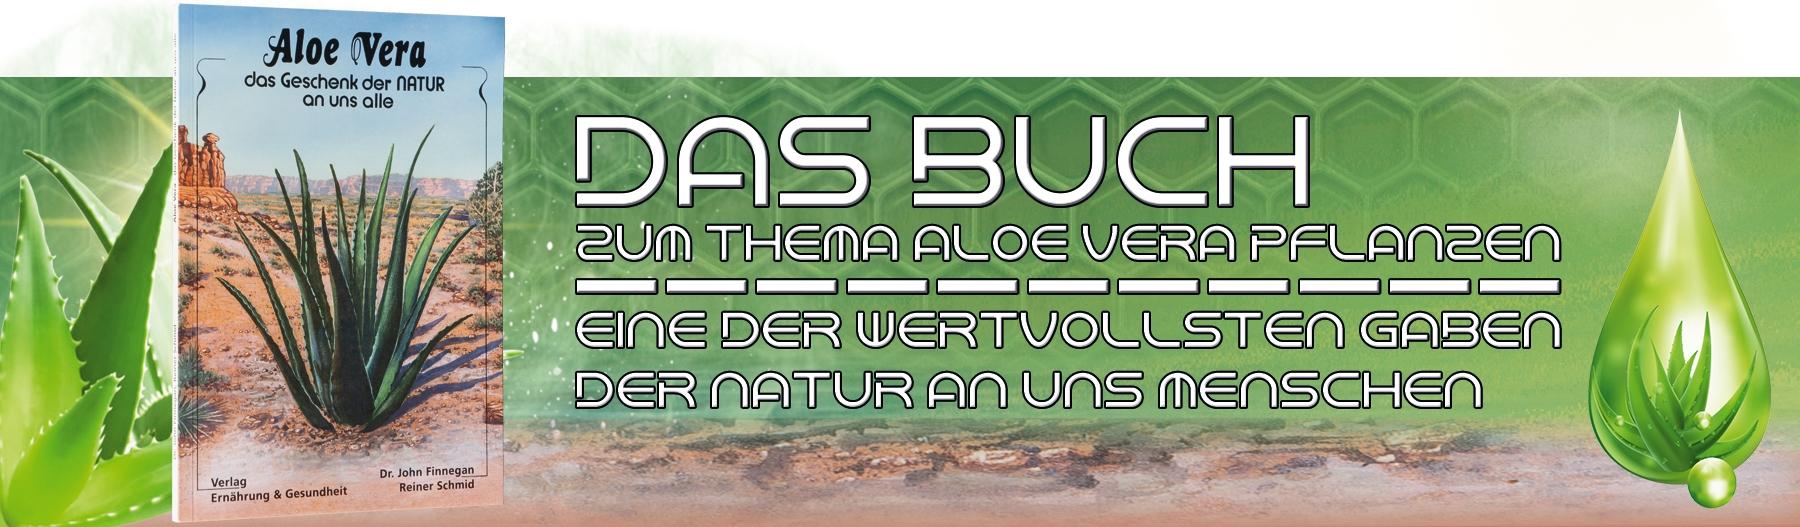 Das Buch zur Aloe Vera Pflanze